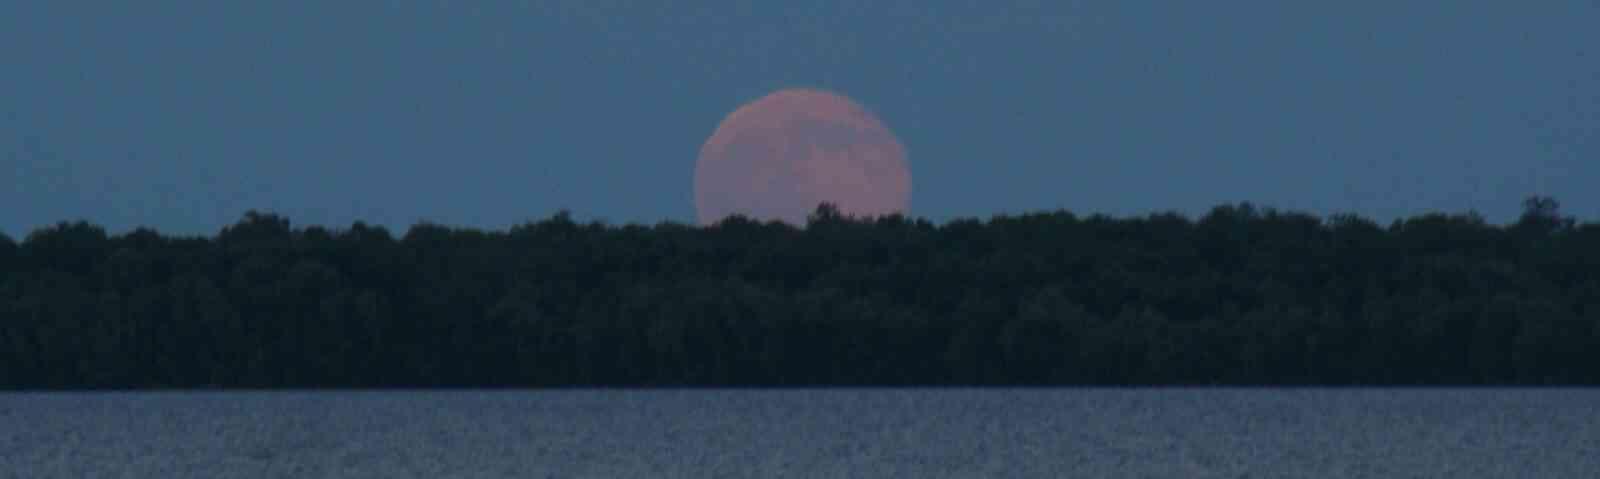 Super Moon Over Leech Lake MN